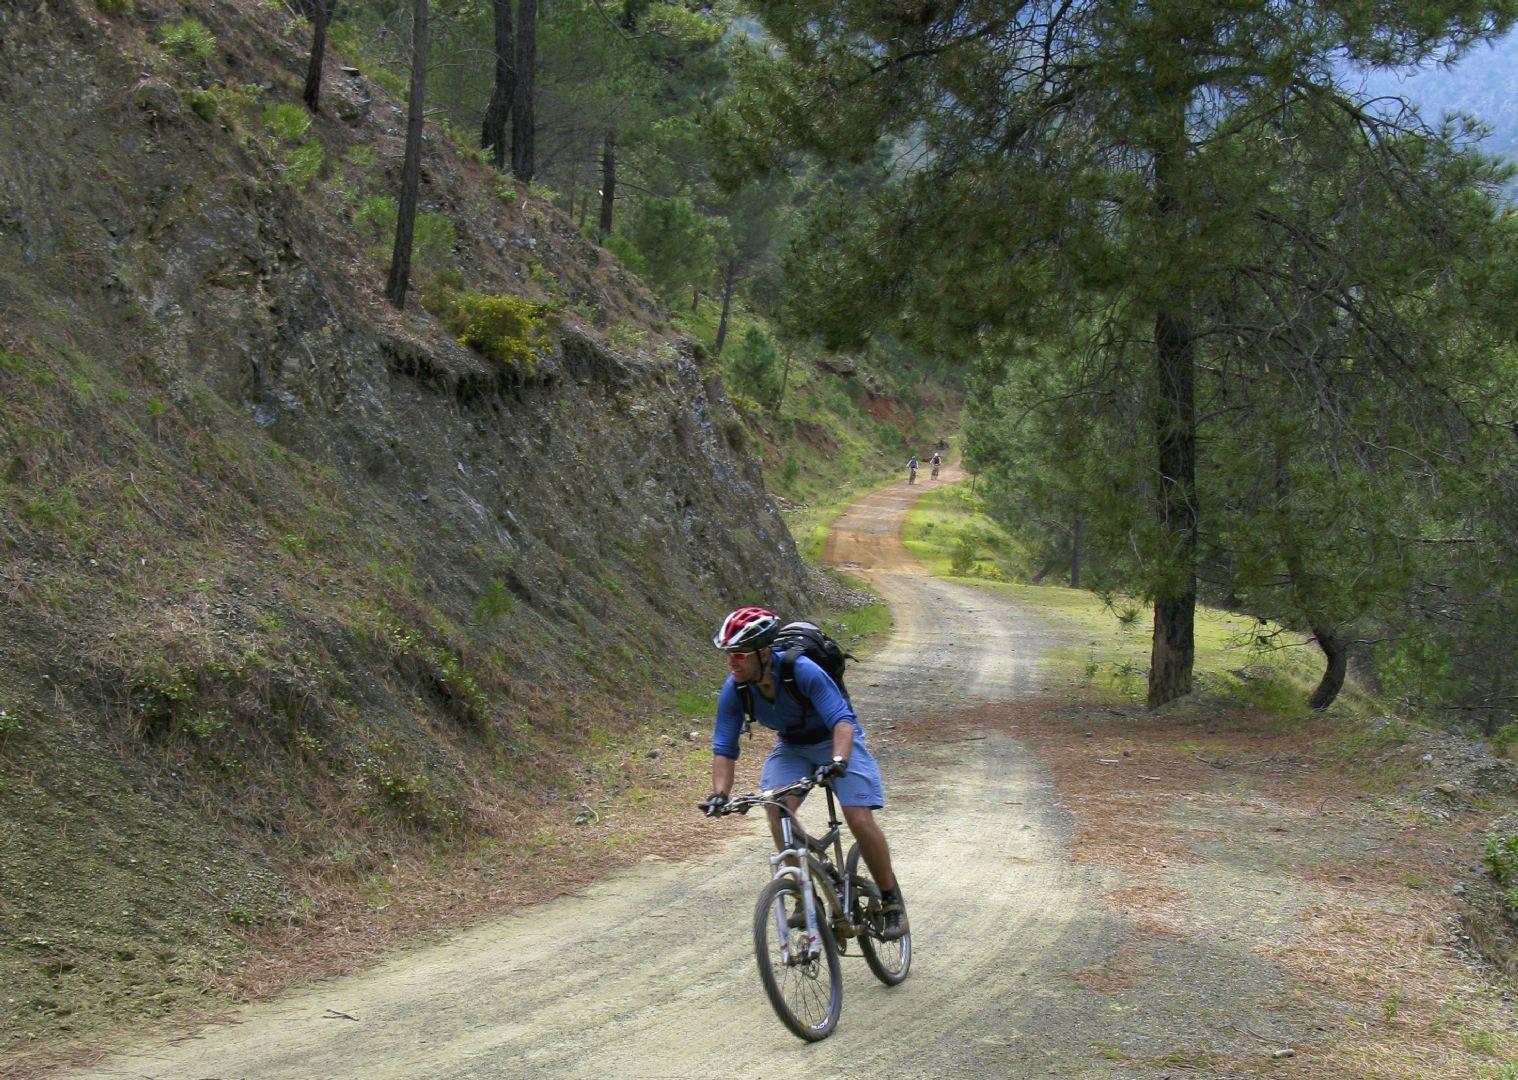 mountainbikingholidayspain.jpg - Spain - Ruta de la Plata - Guided Mountain Bike Holiday - Mountain Biking